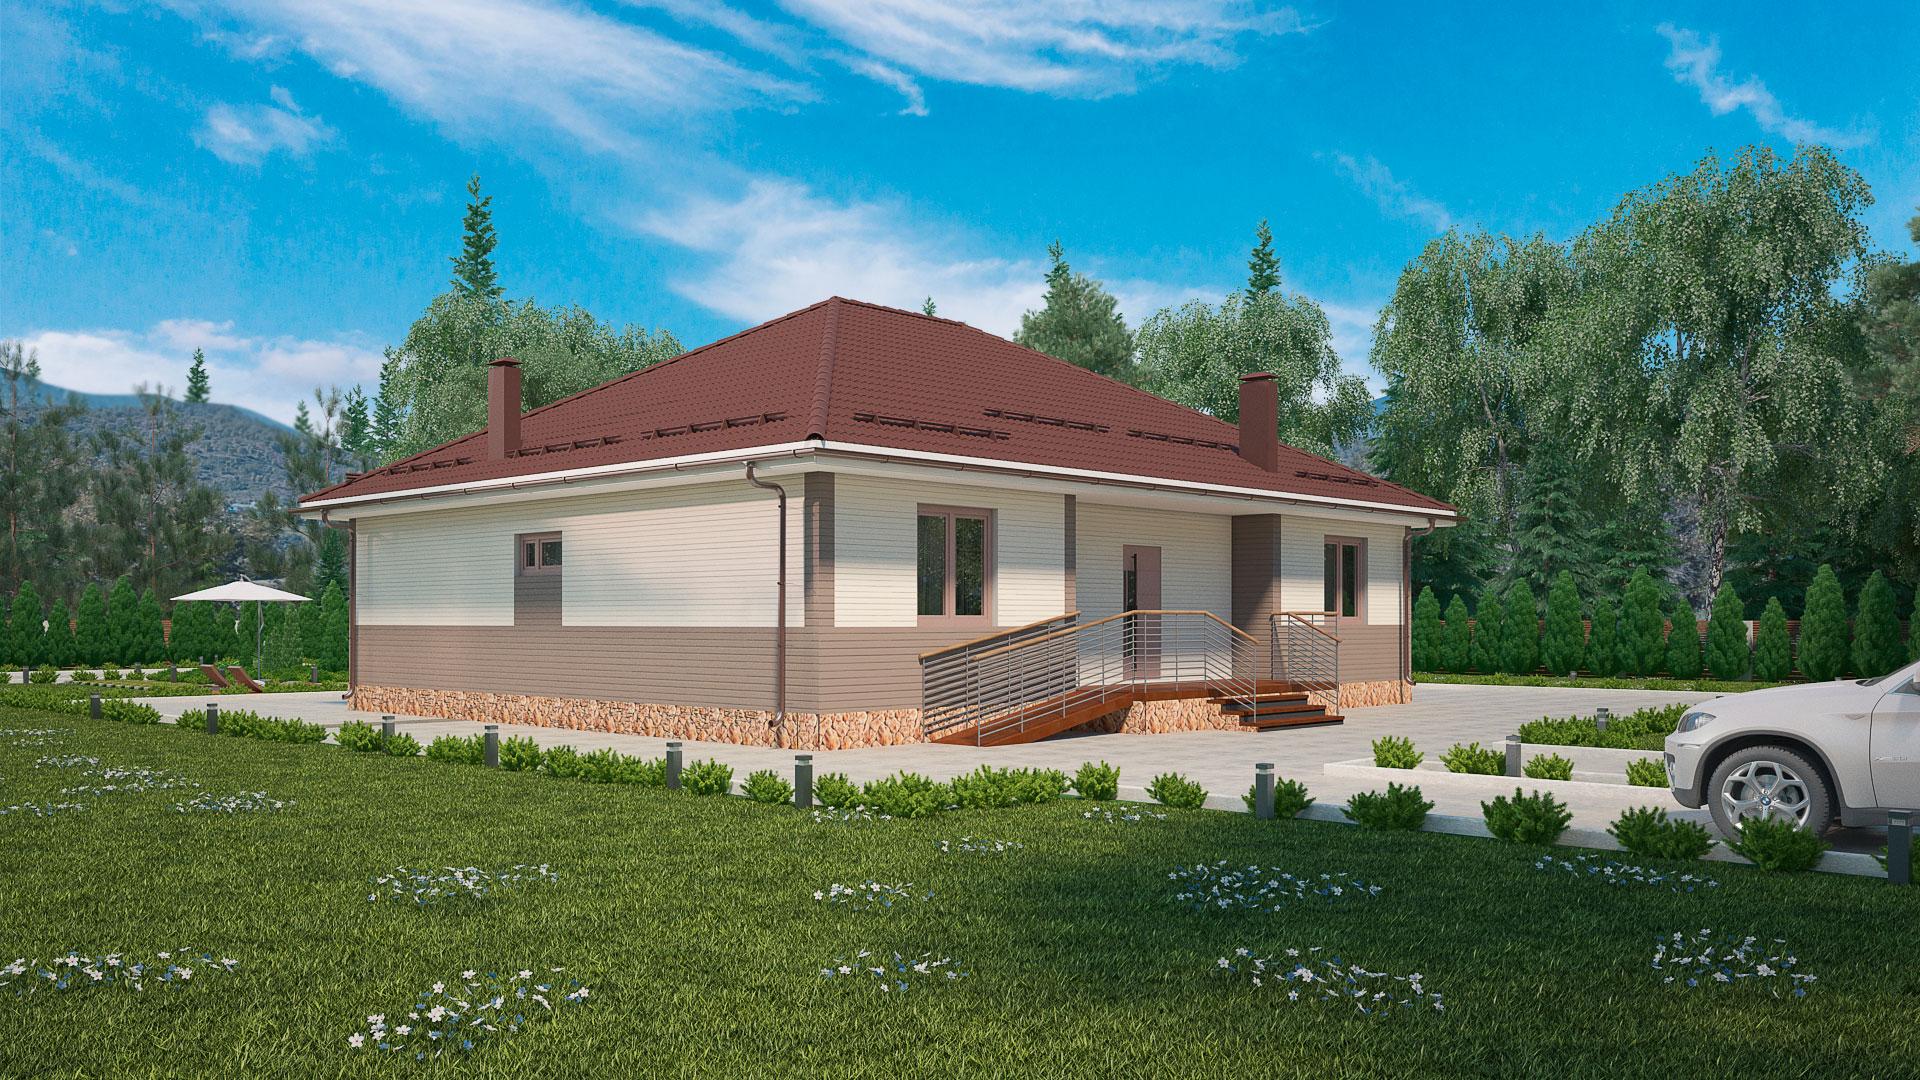 Передний фасад одноэтажного дома с верандой, проект БЭНПАН МС-178.